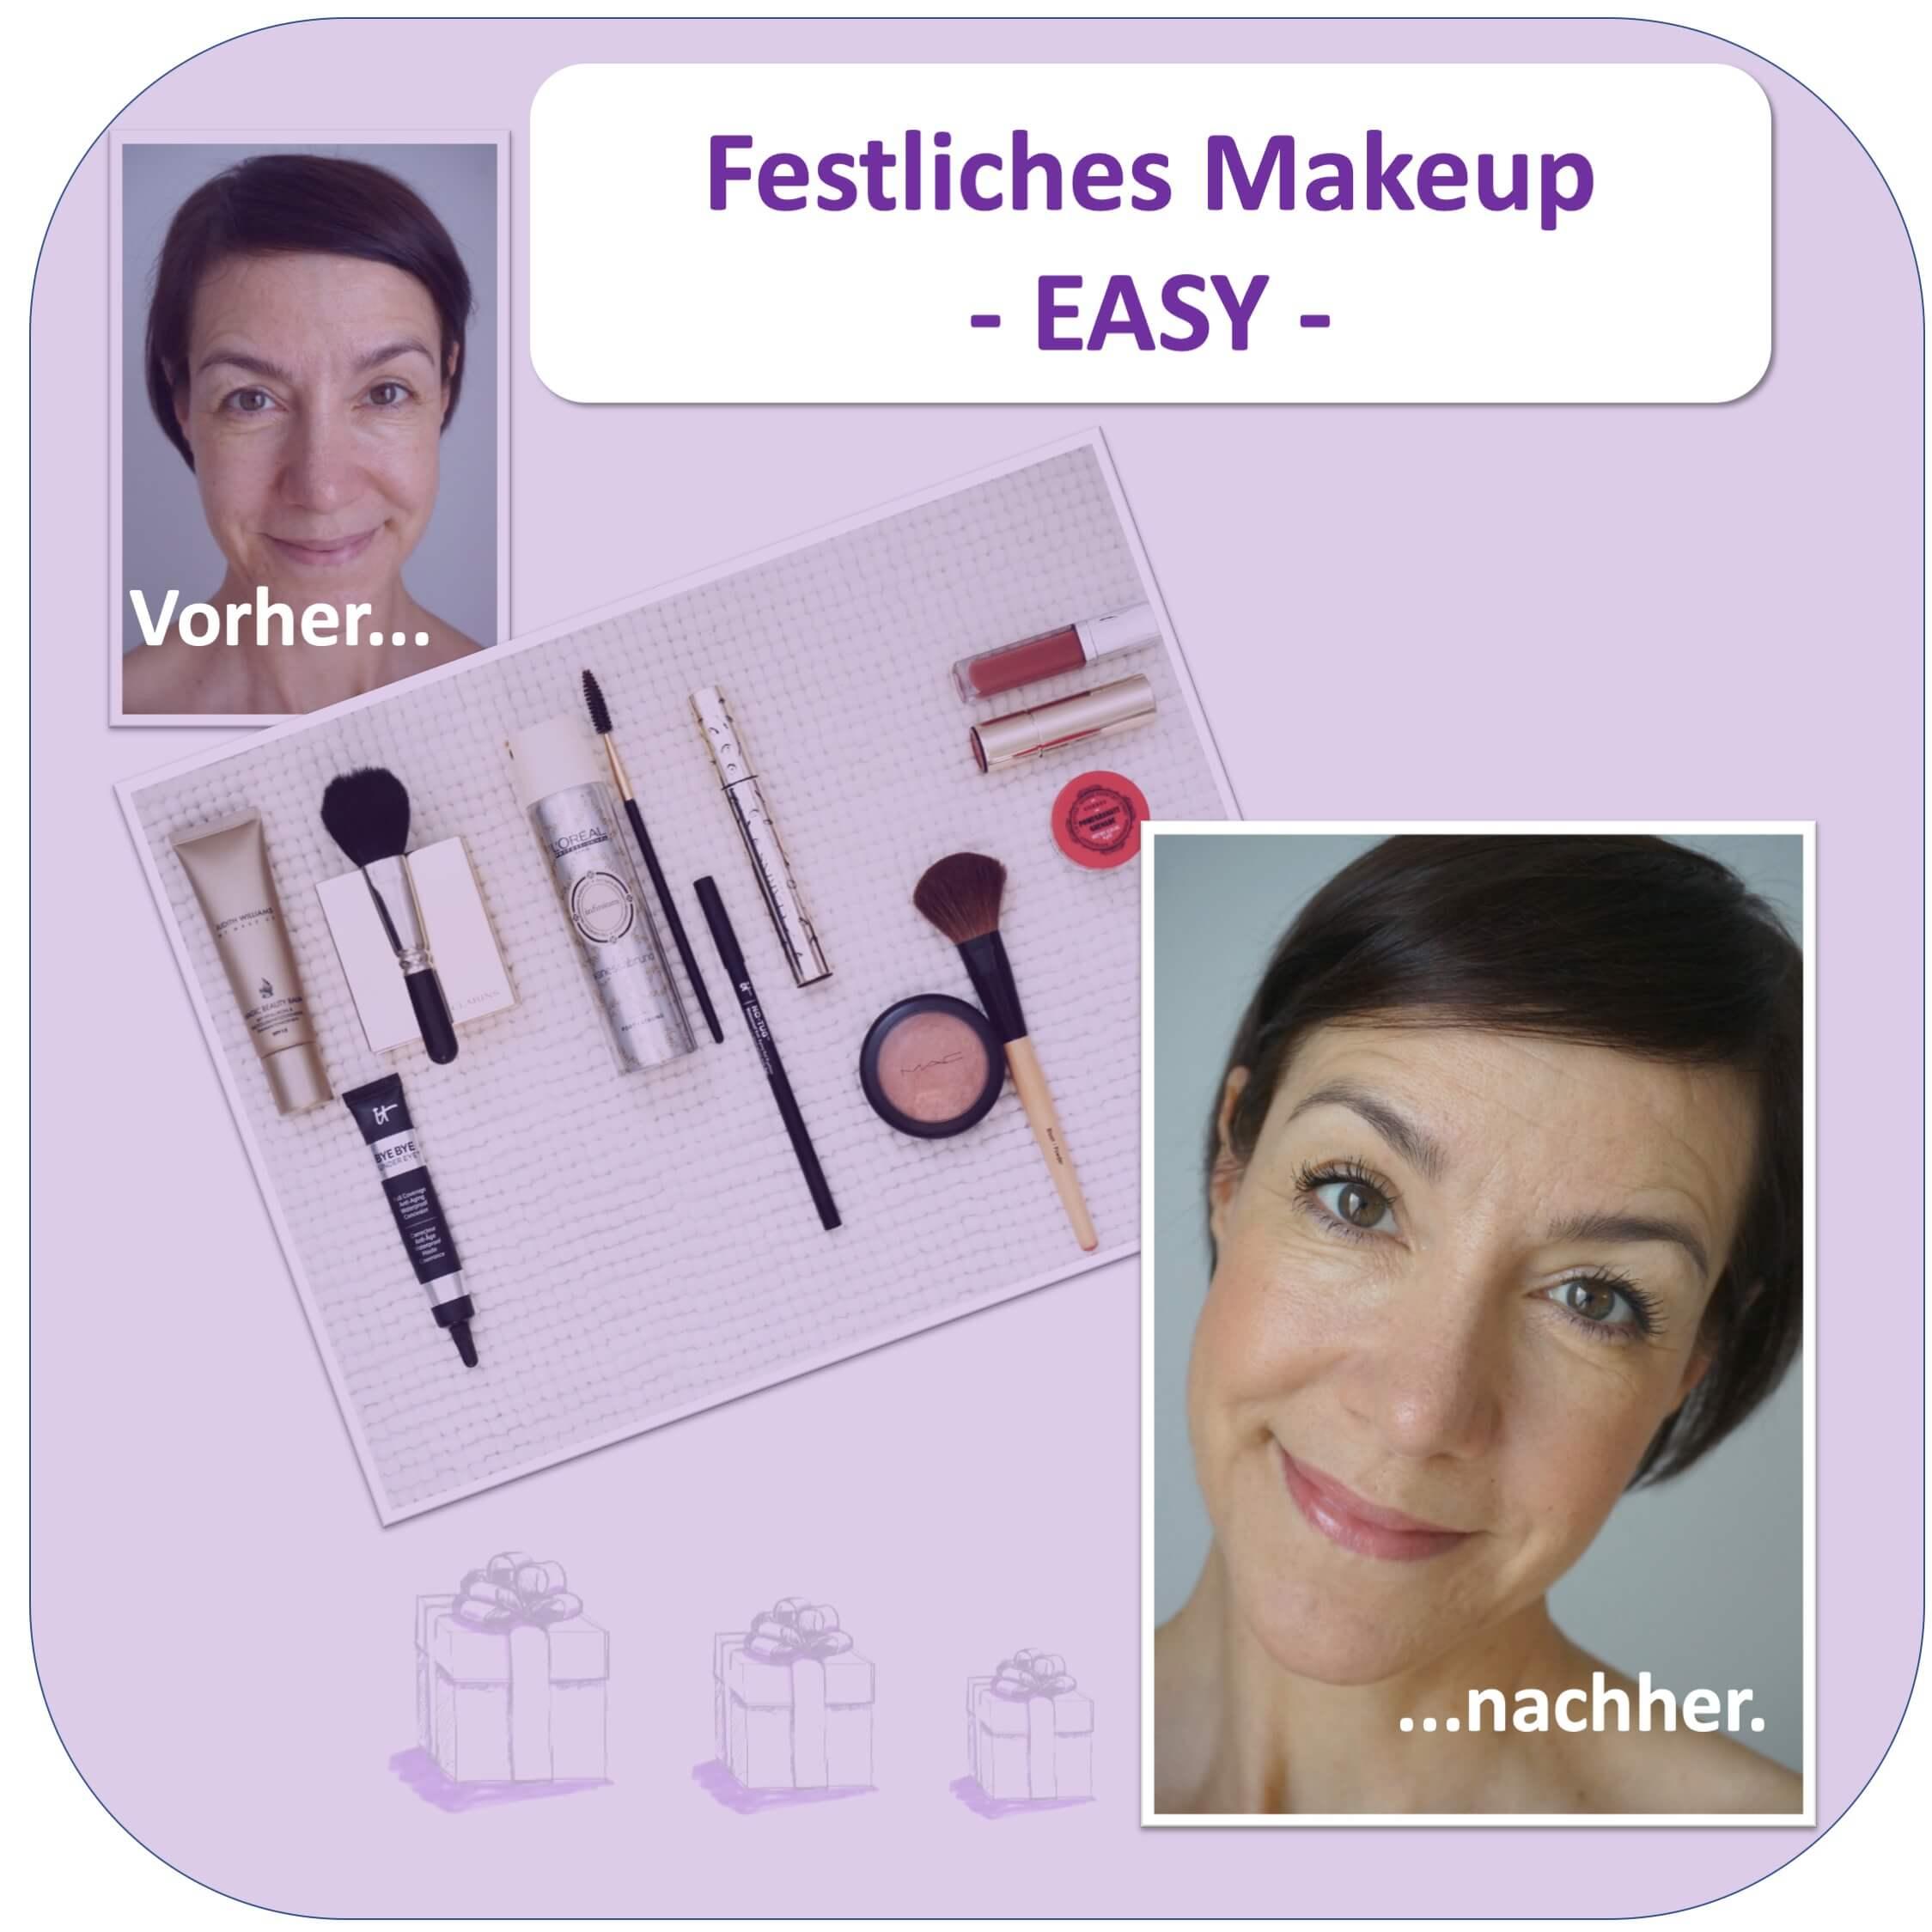 Der Vorher-Nachher-Effekt des ersten Makeup-Tutorials der Schminktante: Es ist mit den gezeigten Tools ganz easy herzustellen.